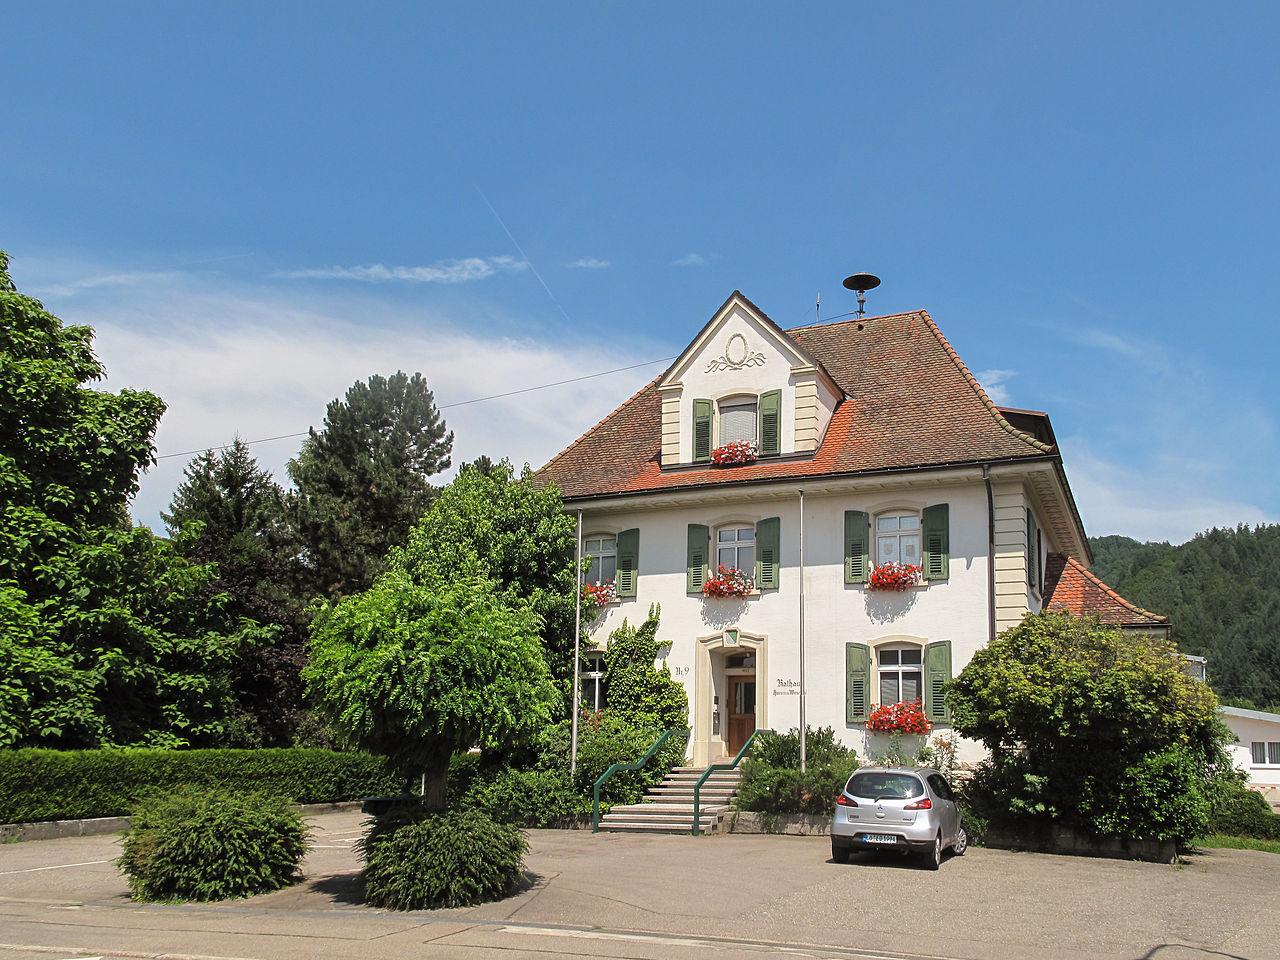 Fichierhausen Im Wiesental, Het Gemeentehuis Foto9 2013